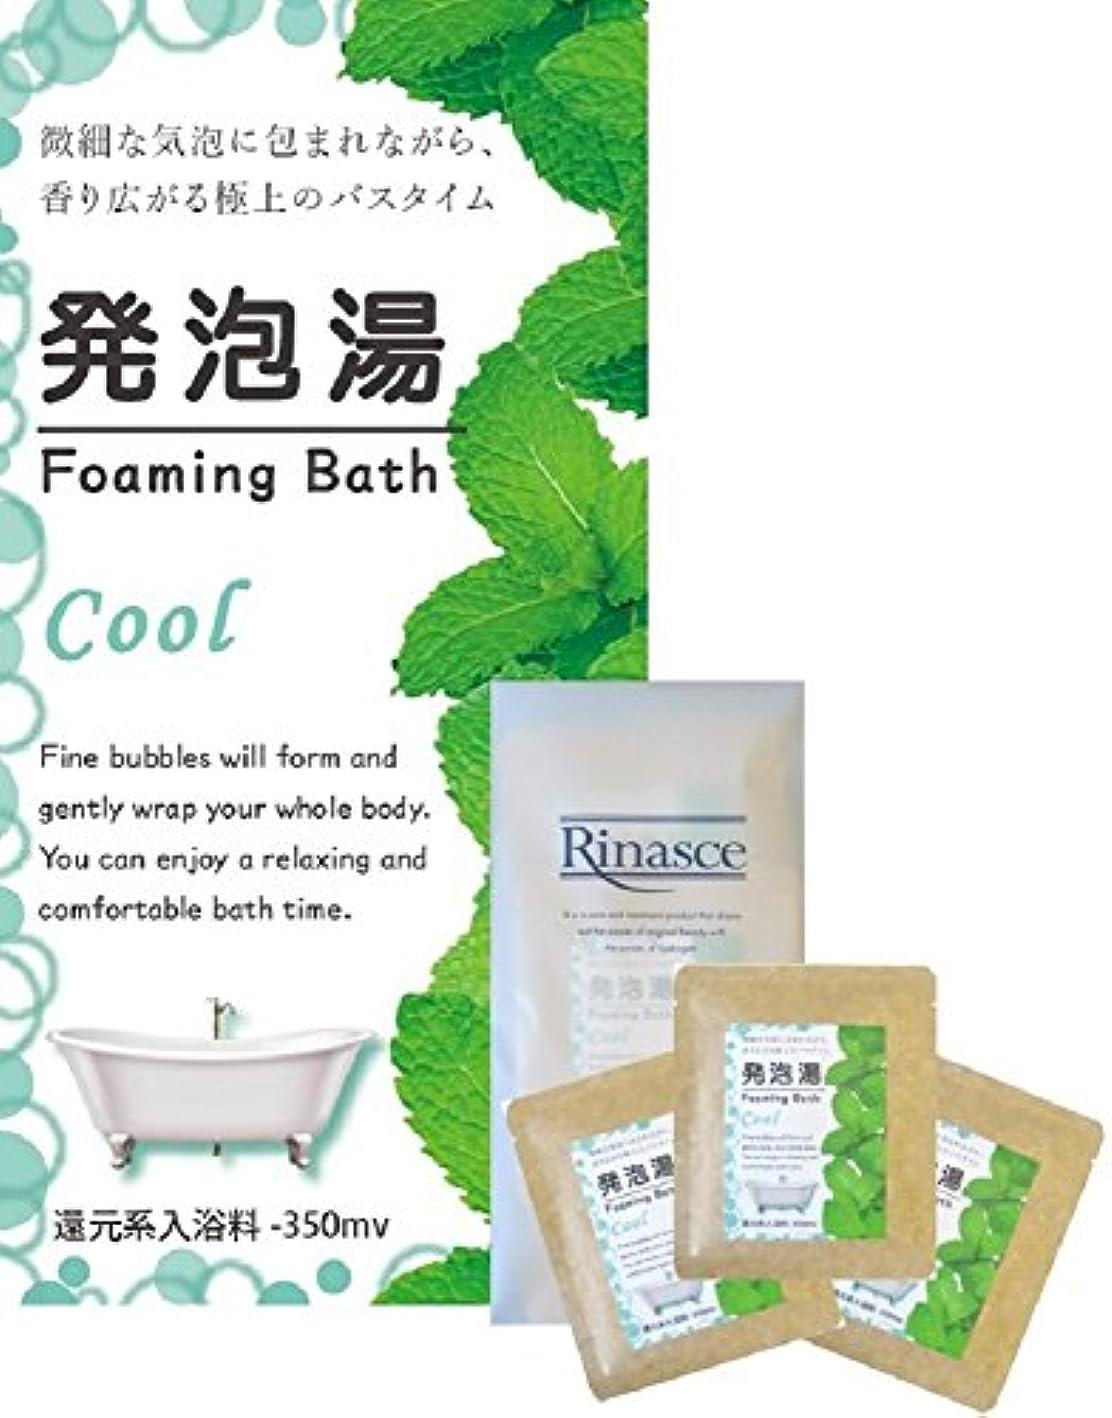 支給フェザー符号【ゆうメール対象】発泡湯(はっぽうとう) Foaming Bath Cool クール 40g 3包セット/微細な気泡に包まれながら香り広がる極上のバスタイム